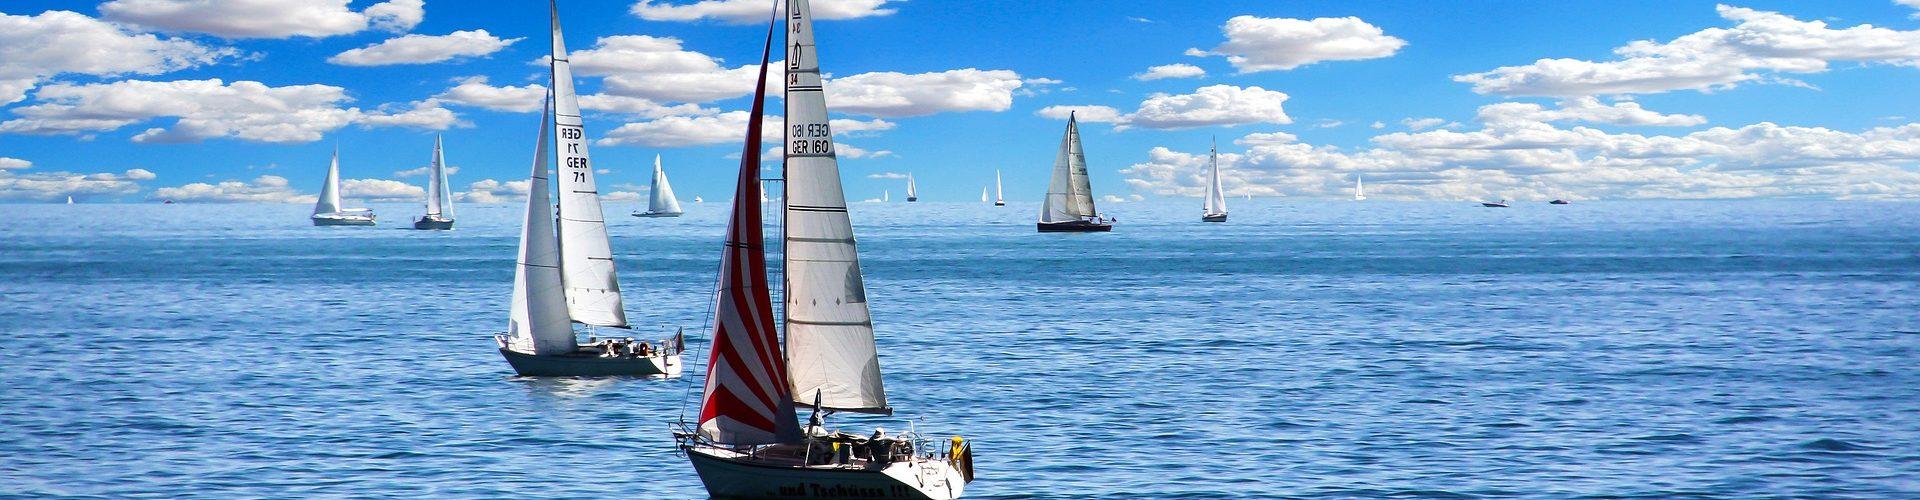 segeln lernen in Großefehn Timmel segelschein machen in Großefehn Timmel 1920x500 - Segeln lernen in Großefehn Timmel